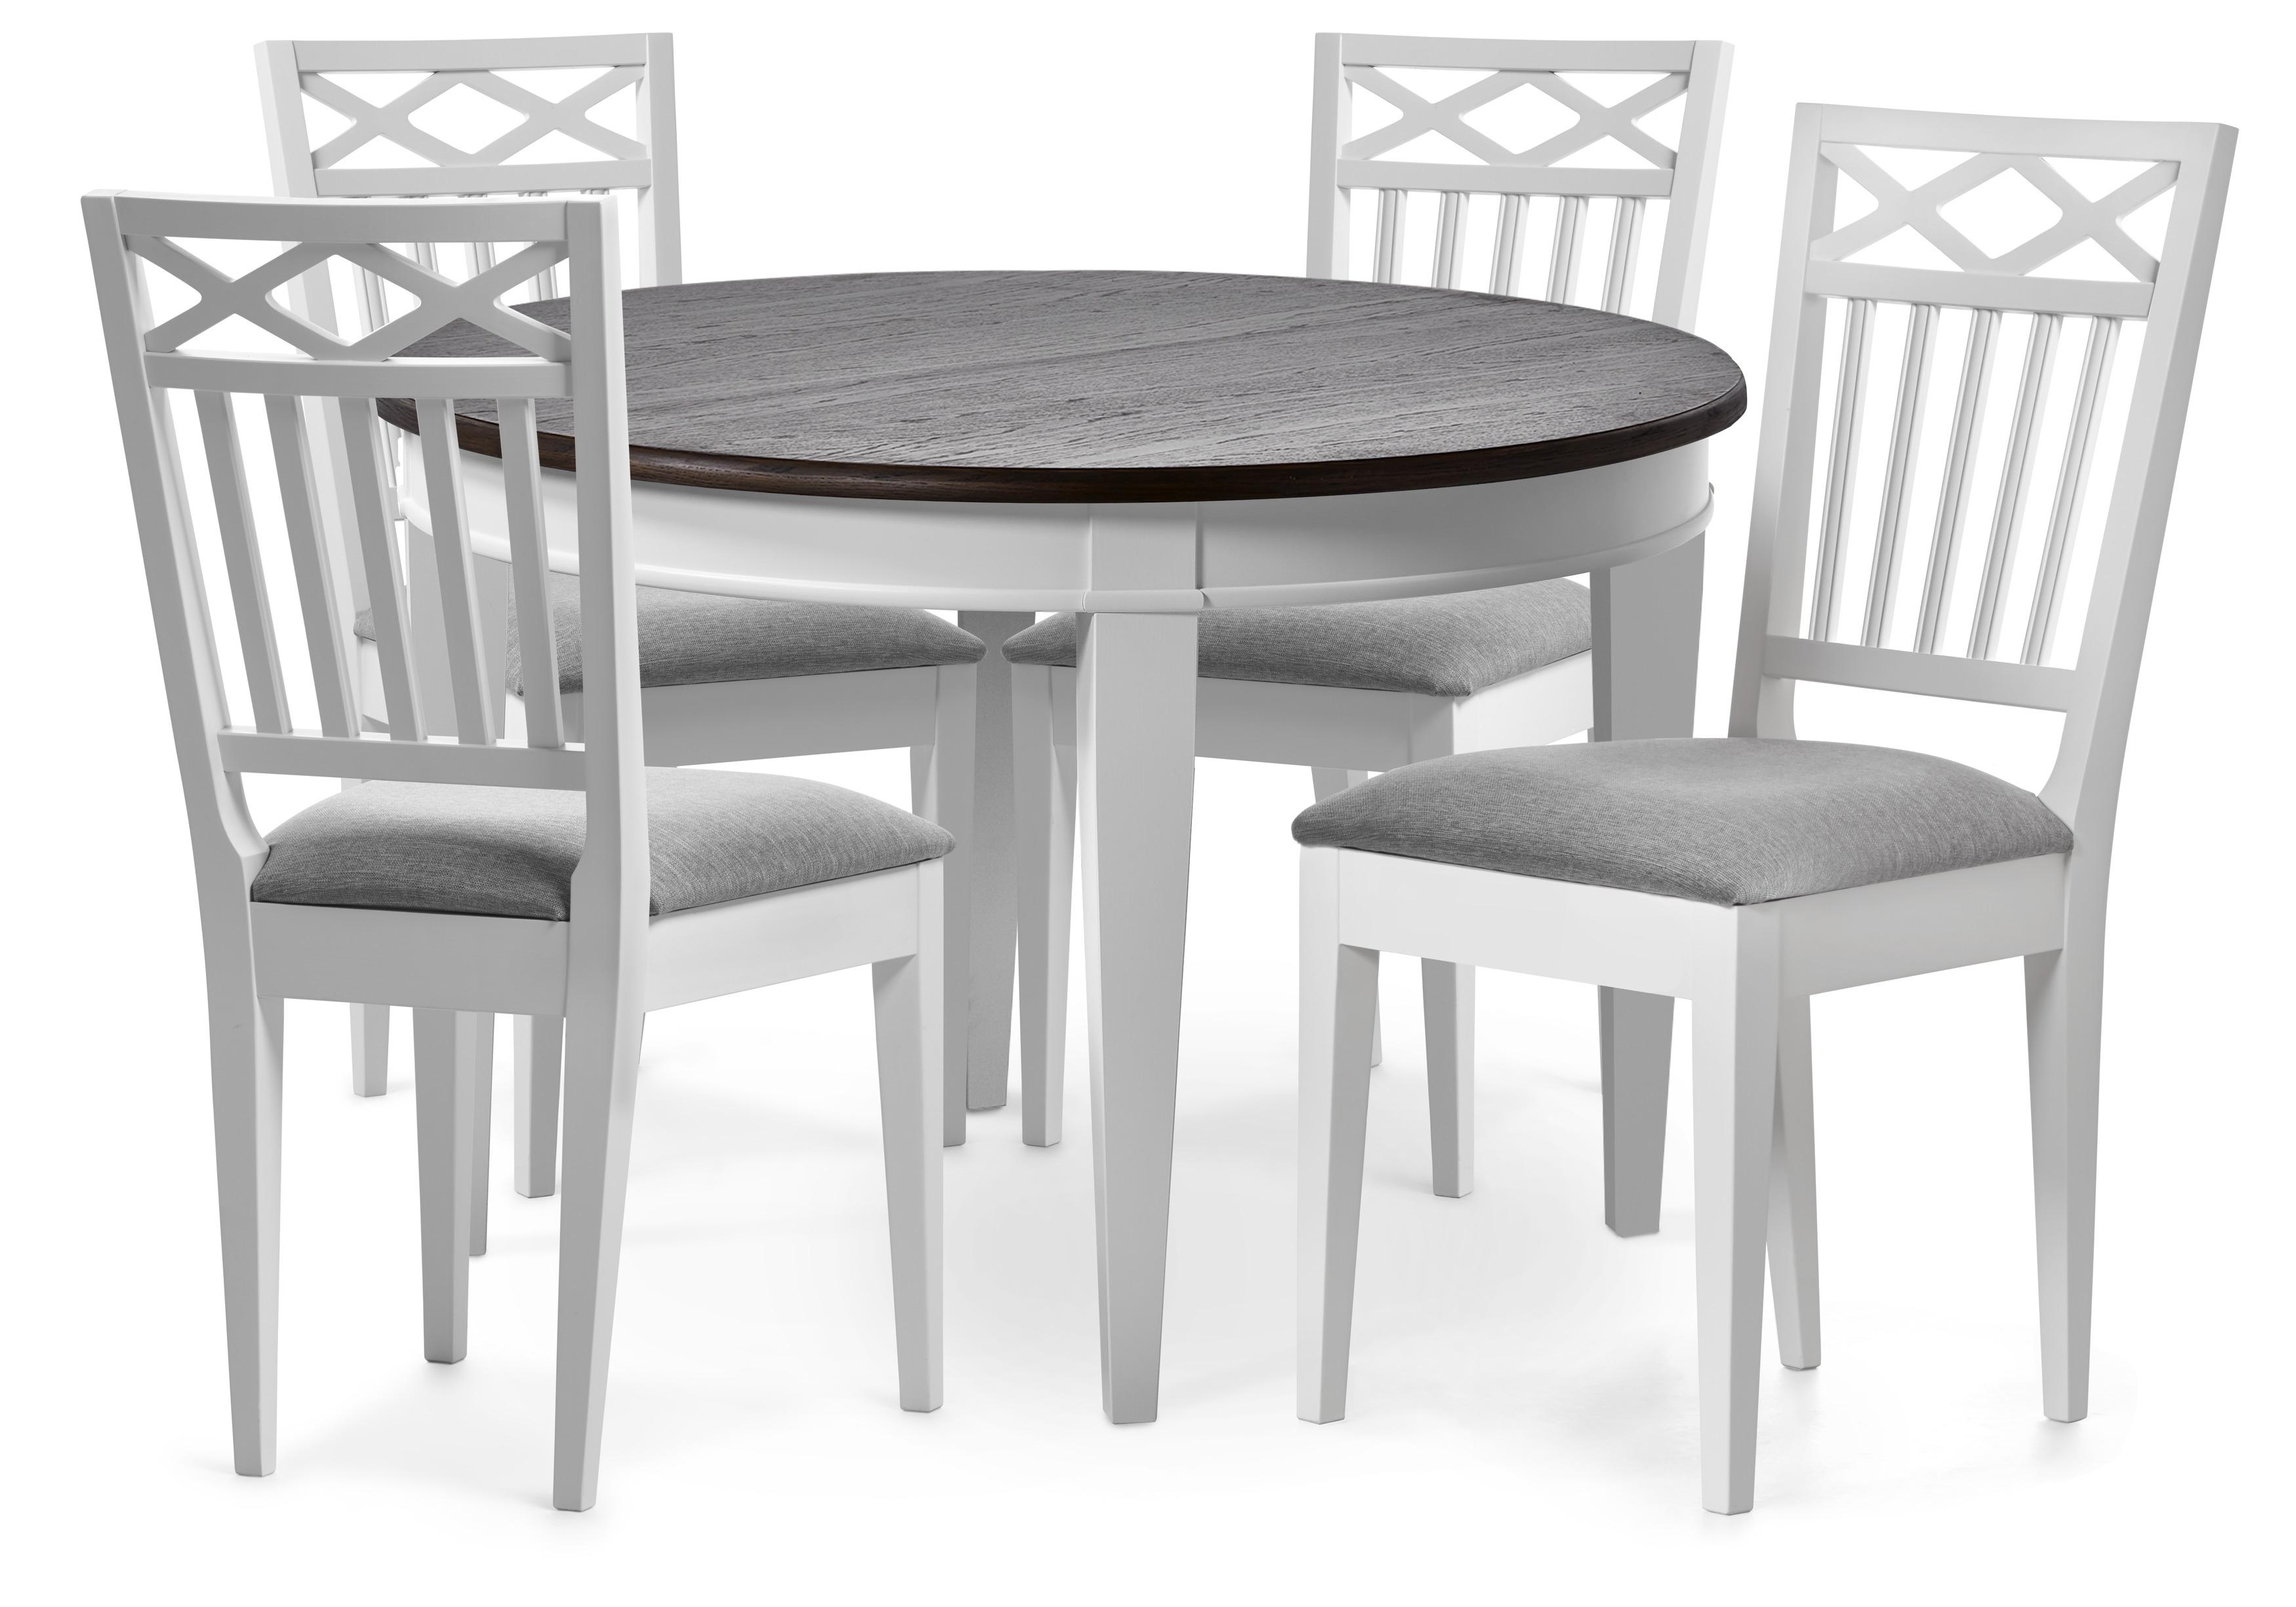 Wilma matbord, 6 stolar + iläggsskiva | Transport, Frakt